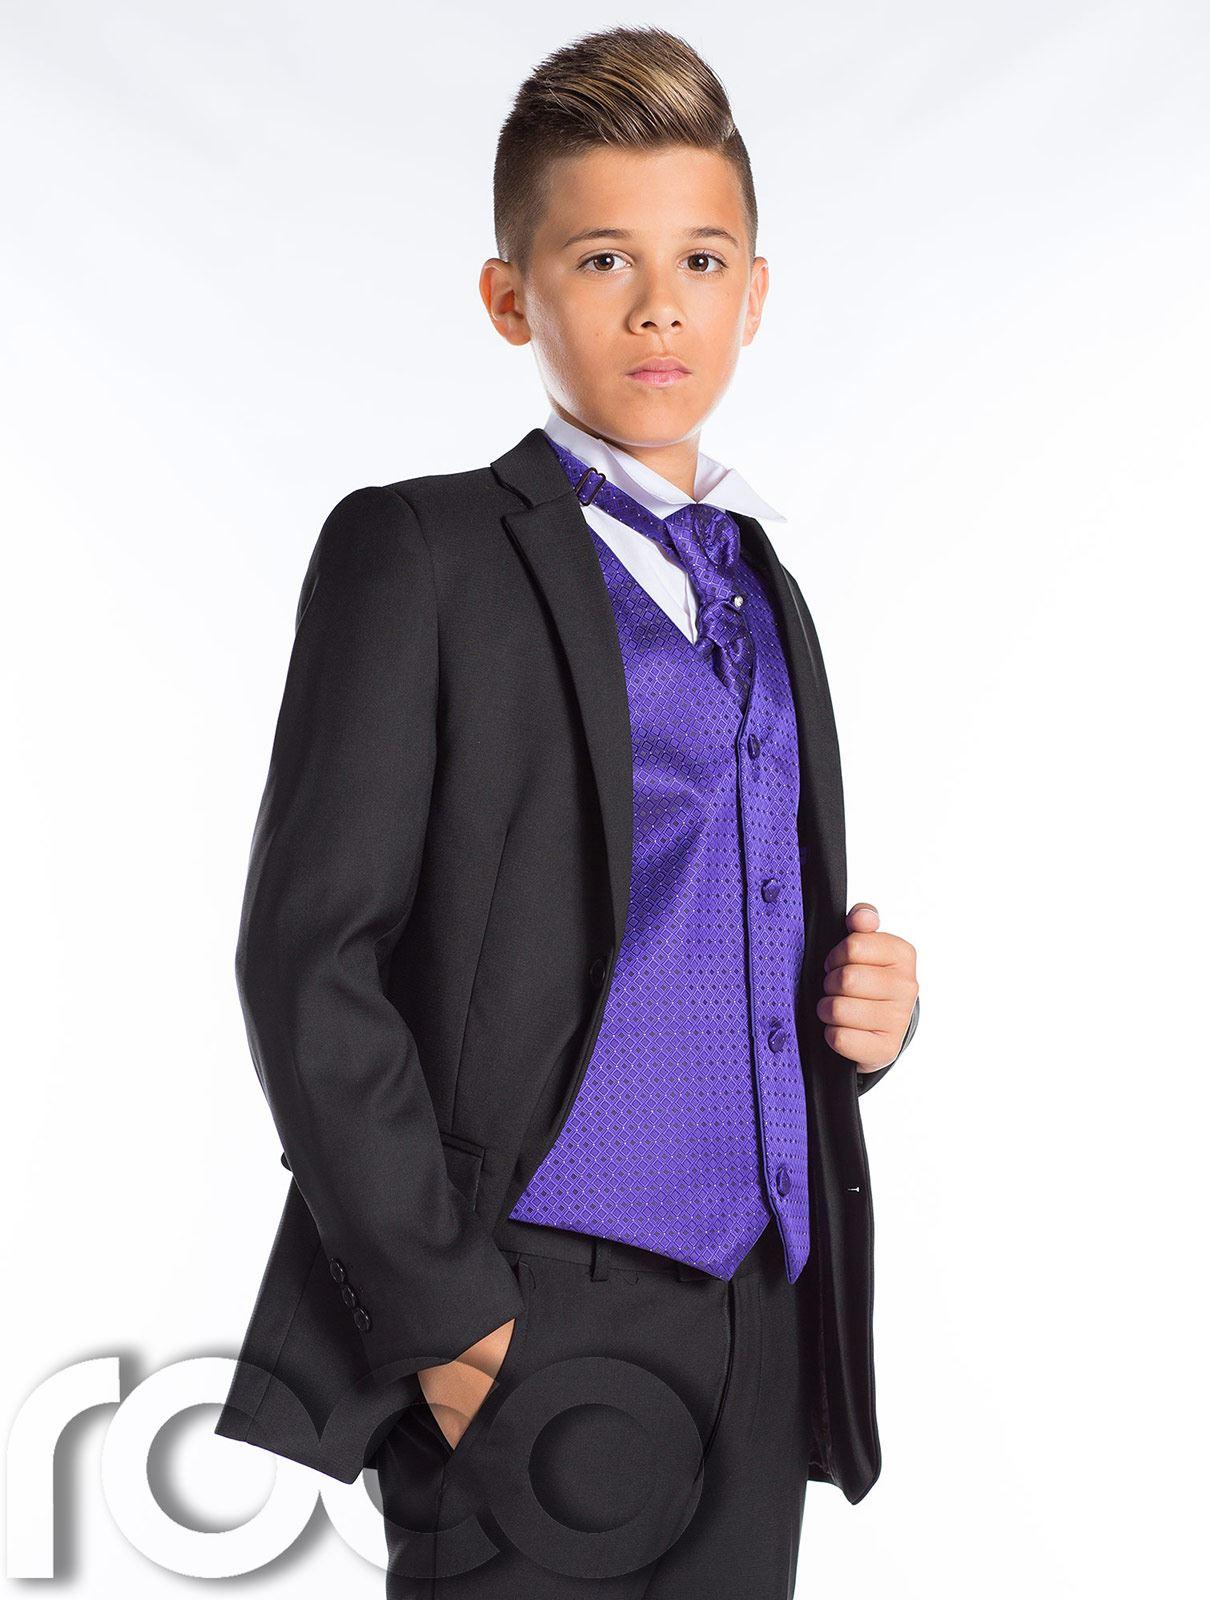 Boys Black Suit, Page Boy Suit, Boys Wedding Suit, Black Suit, Slim ...